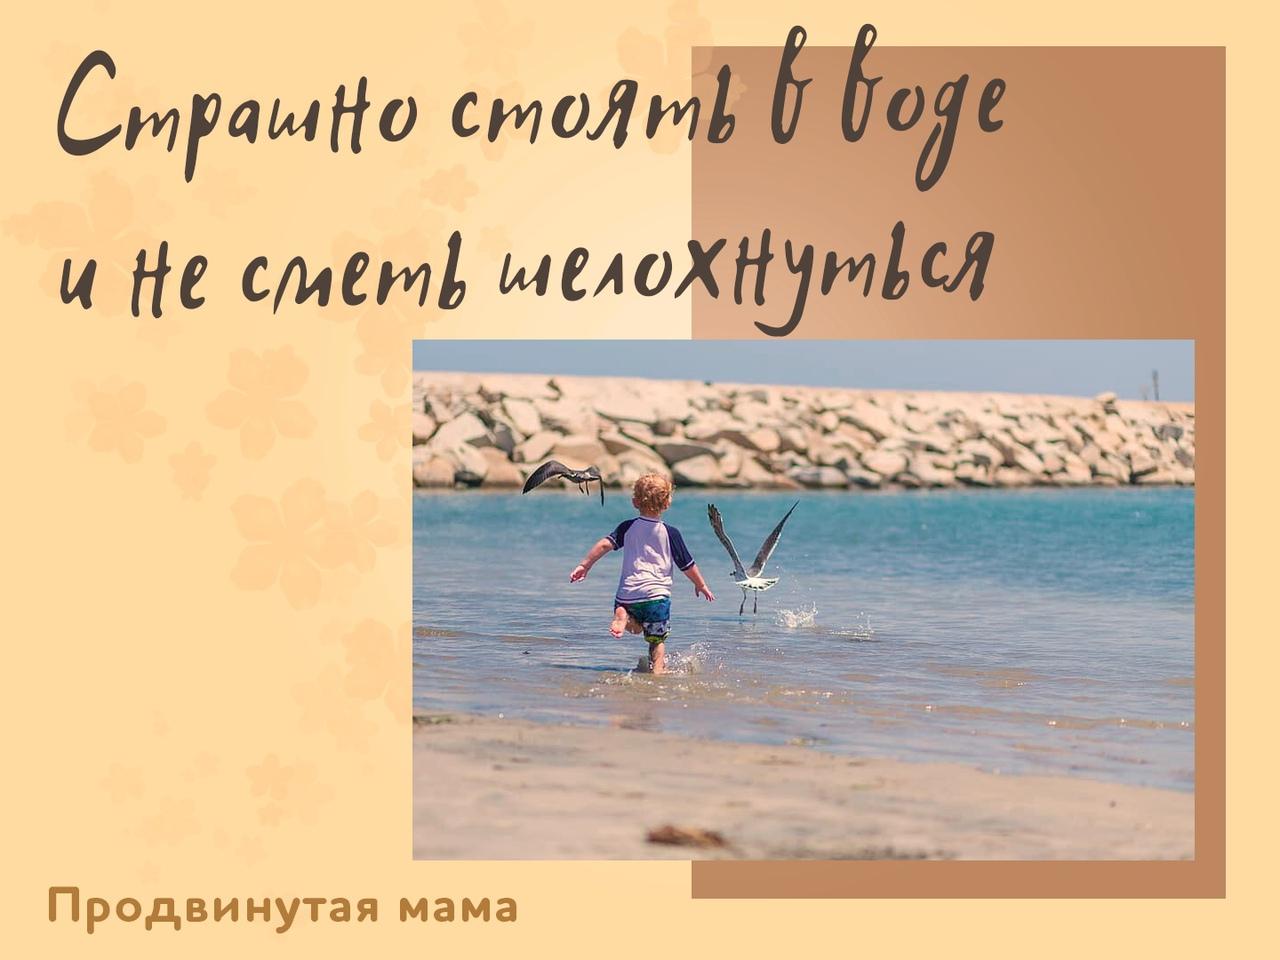 Одного мальчика мама привезла на озеро.